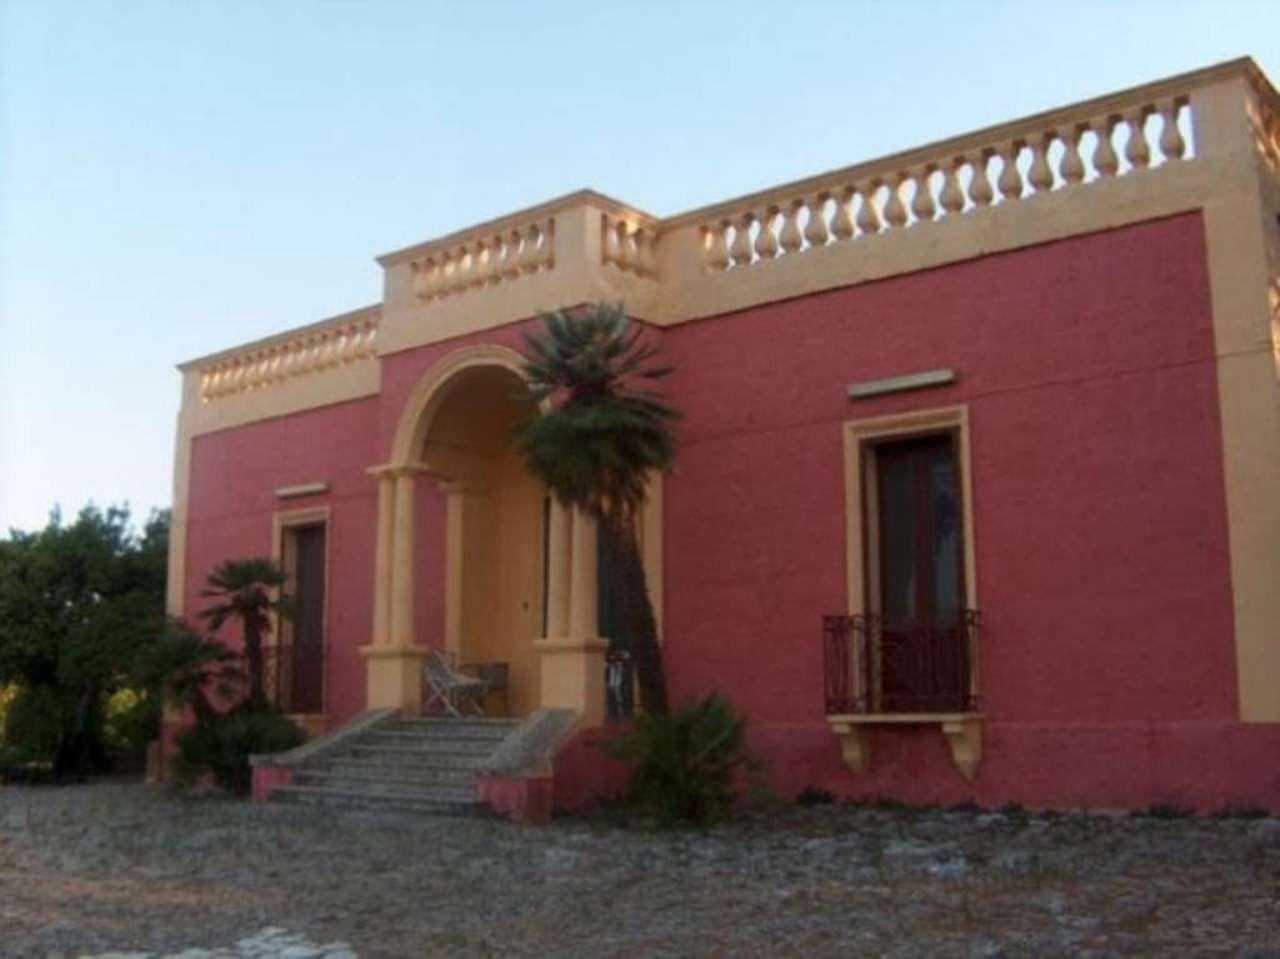 Villa in vendita a Fasano, 3 locali, prezzo € 190.000 | Cambio Casa.it